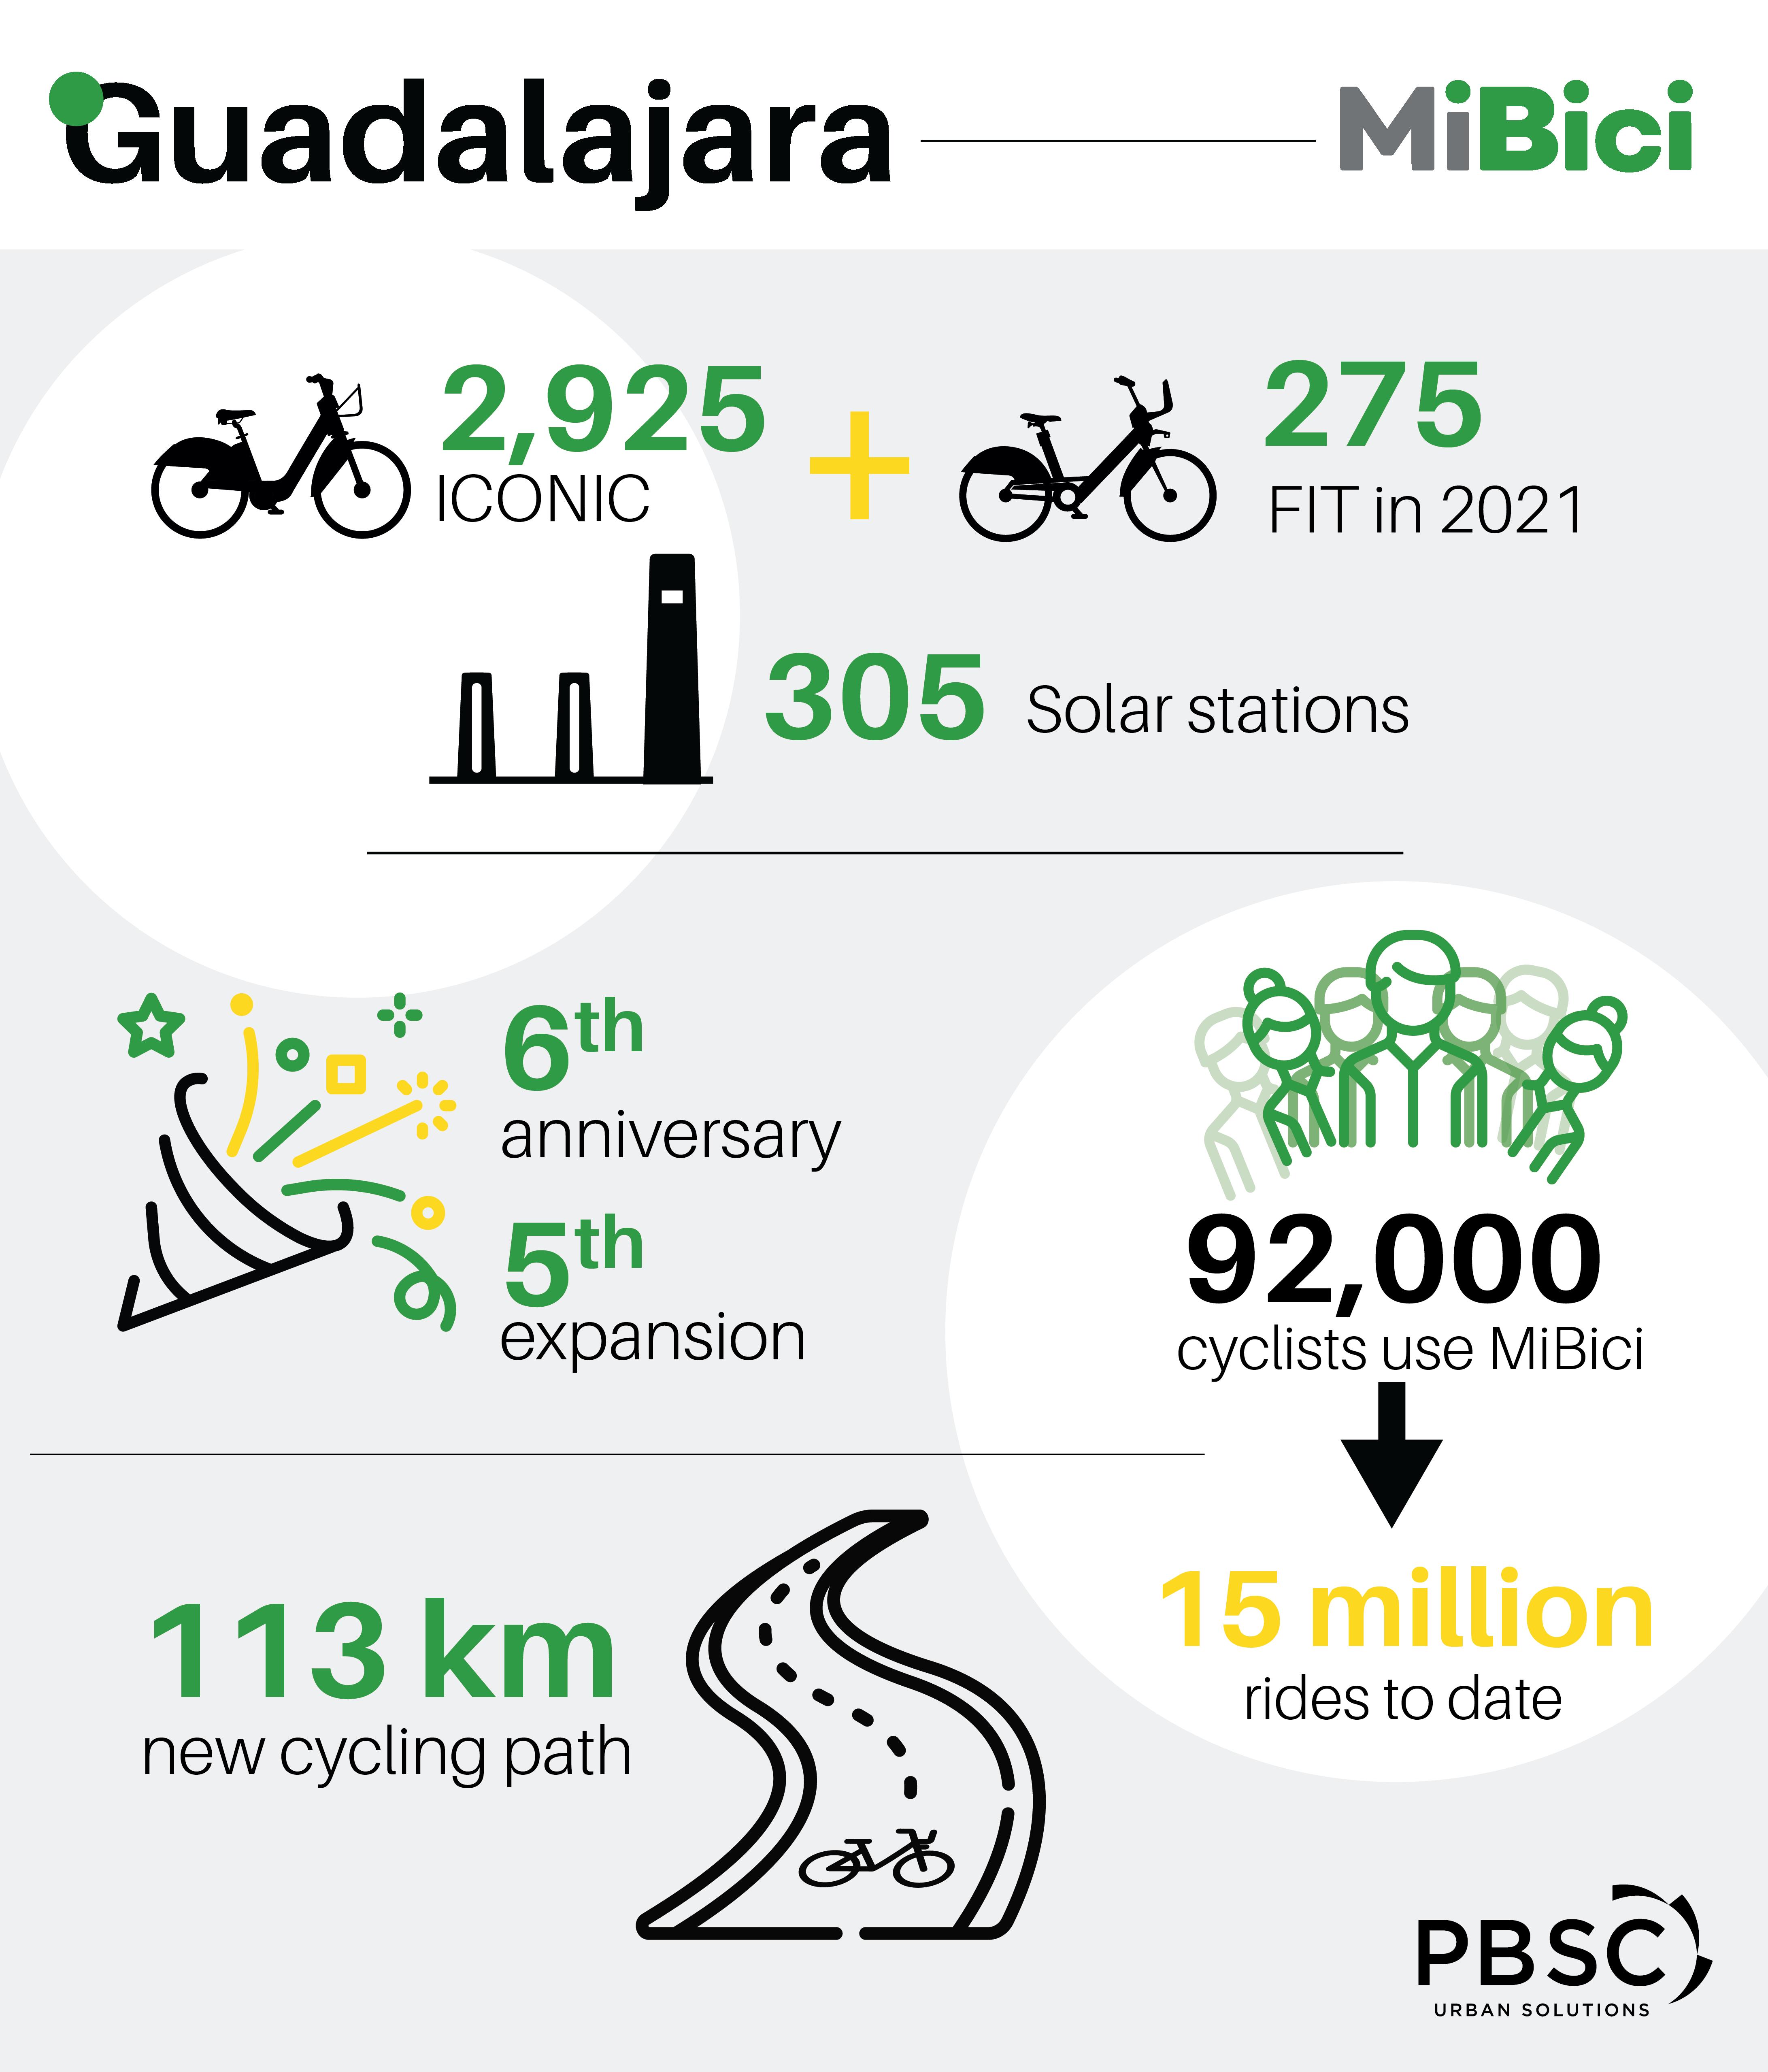 infographic_guadalajara-03.png (727 KB)